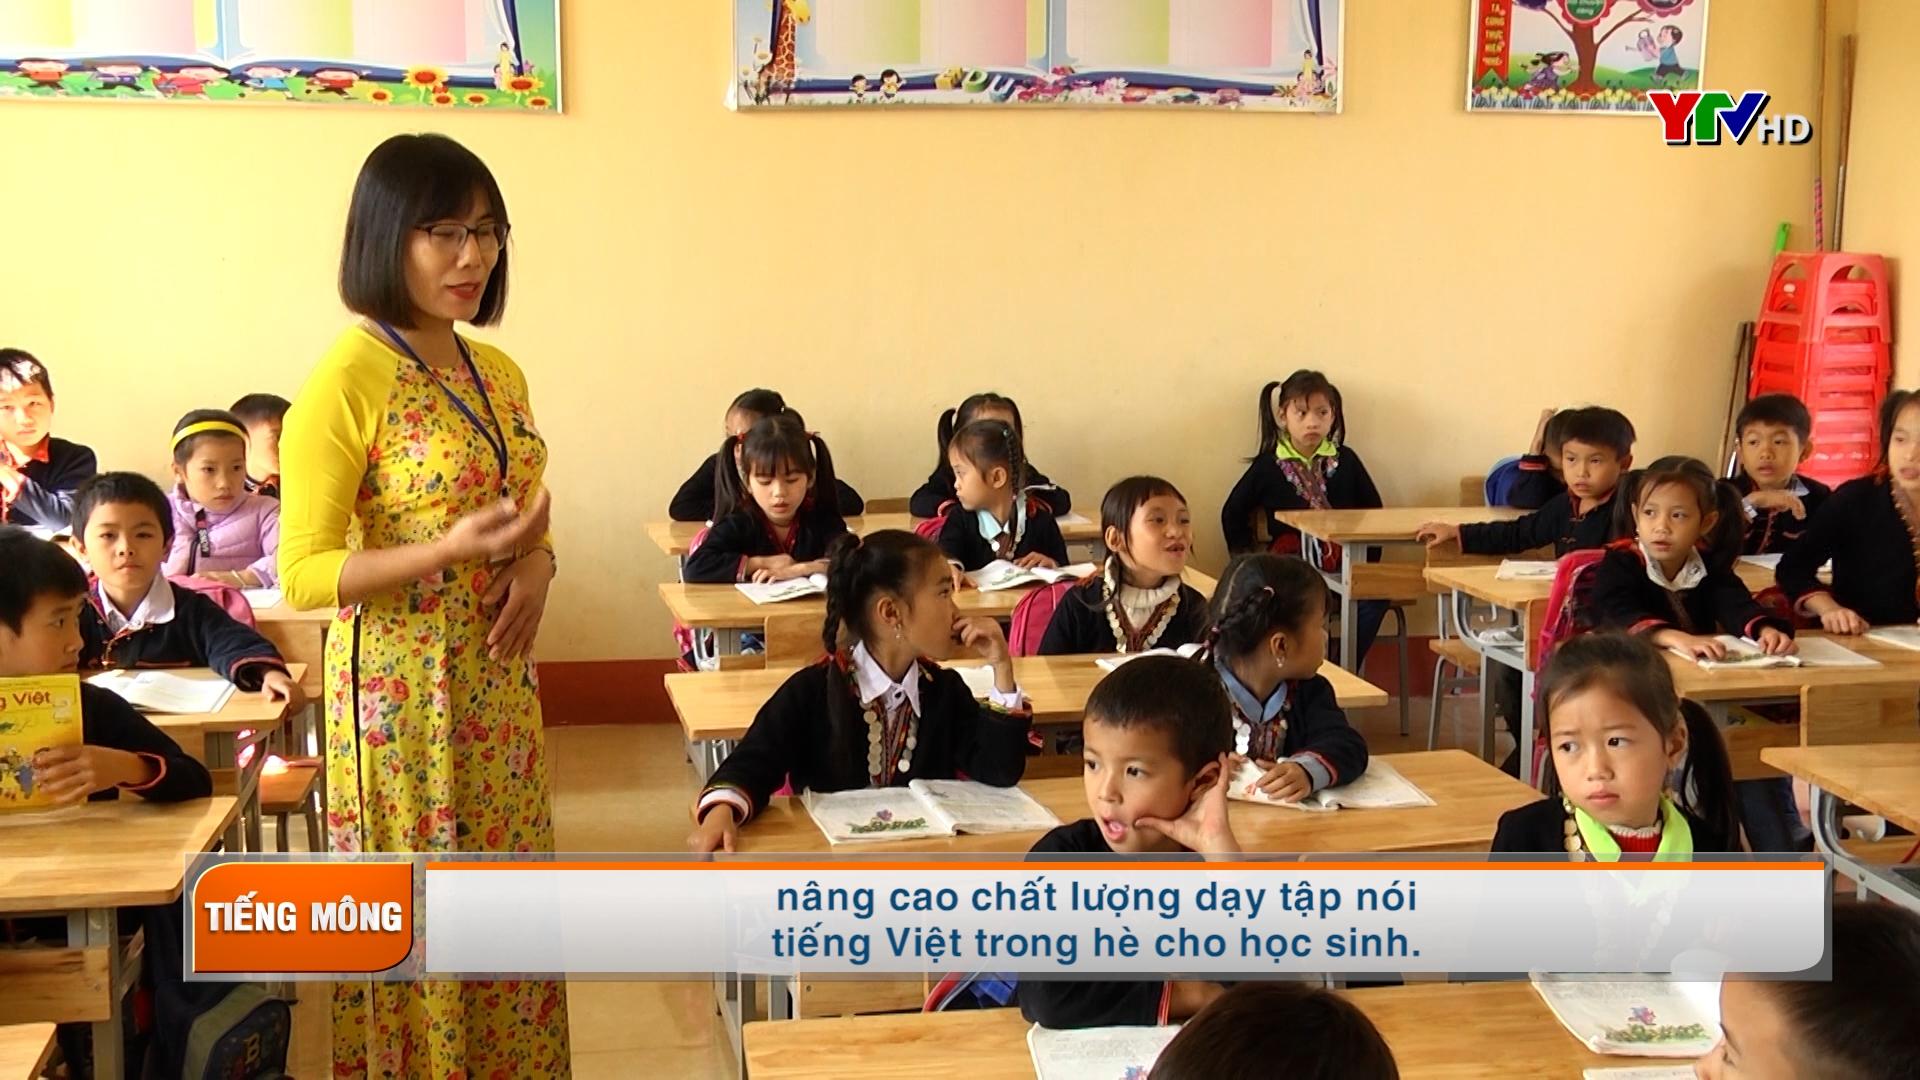 Tạp chí truyền hình tiếng Mông số 6 tháng 12 năm 2020